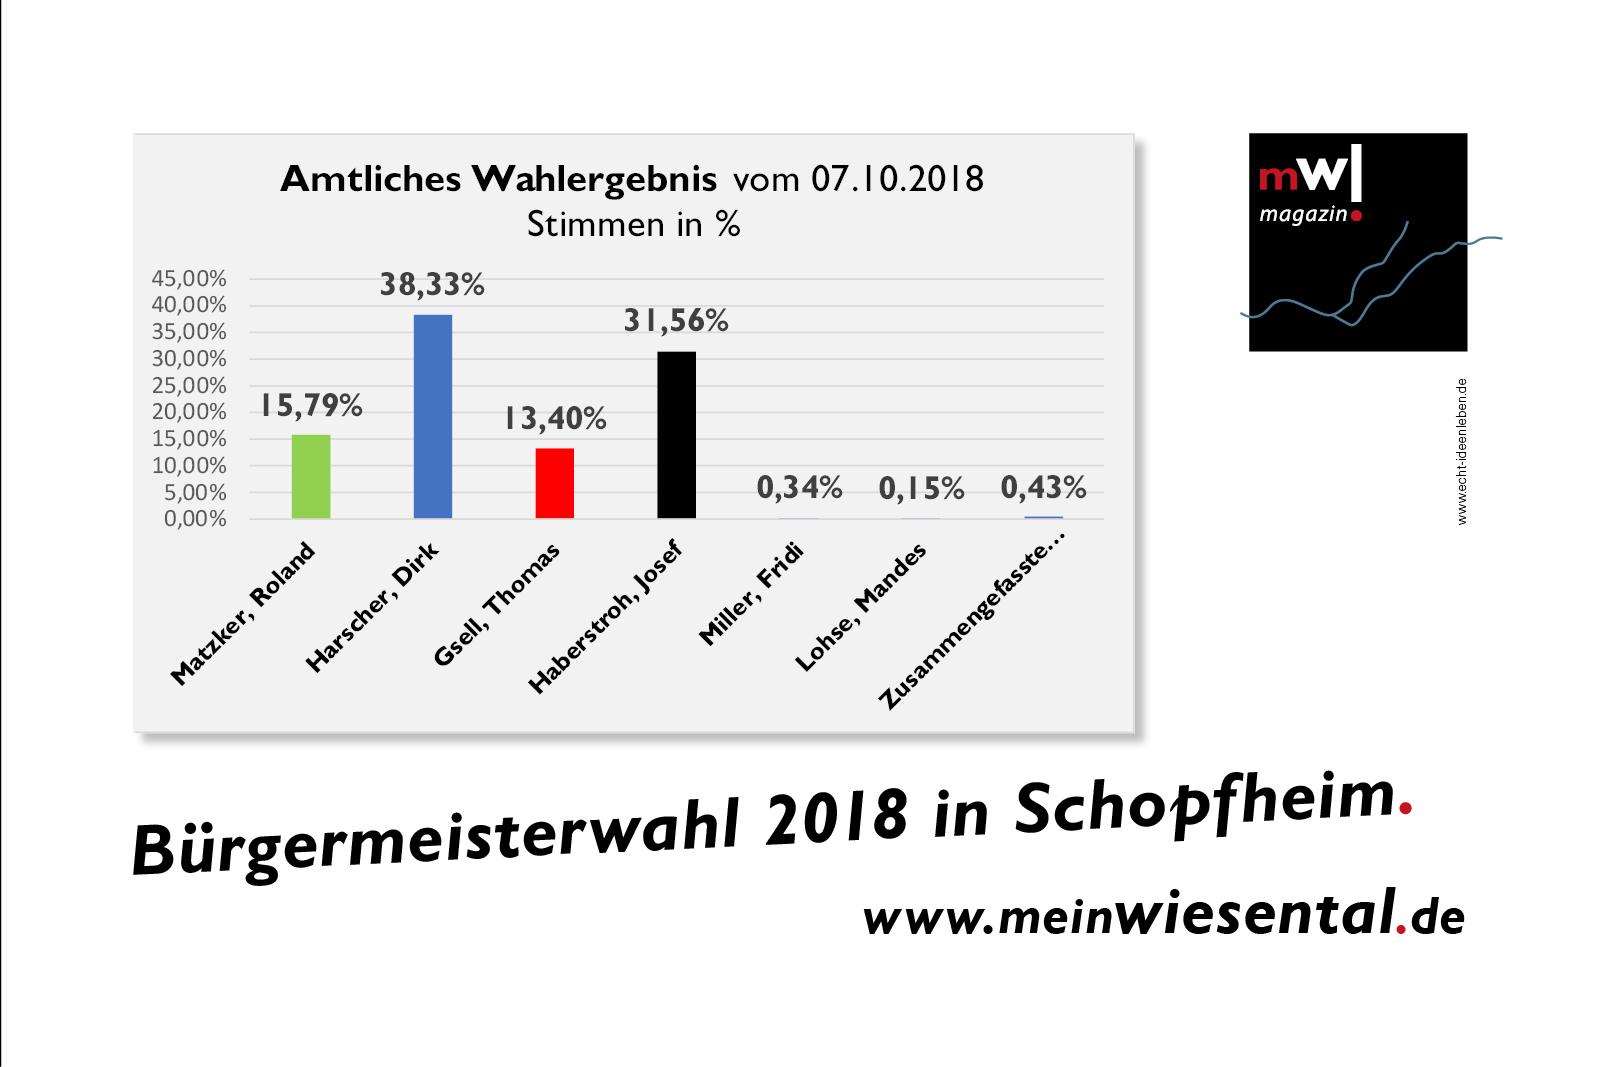 Amtliches Wahlergebnis des ersten BM-Wahldurchgang´s in Schopfheim